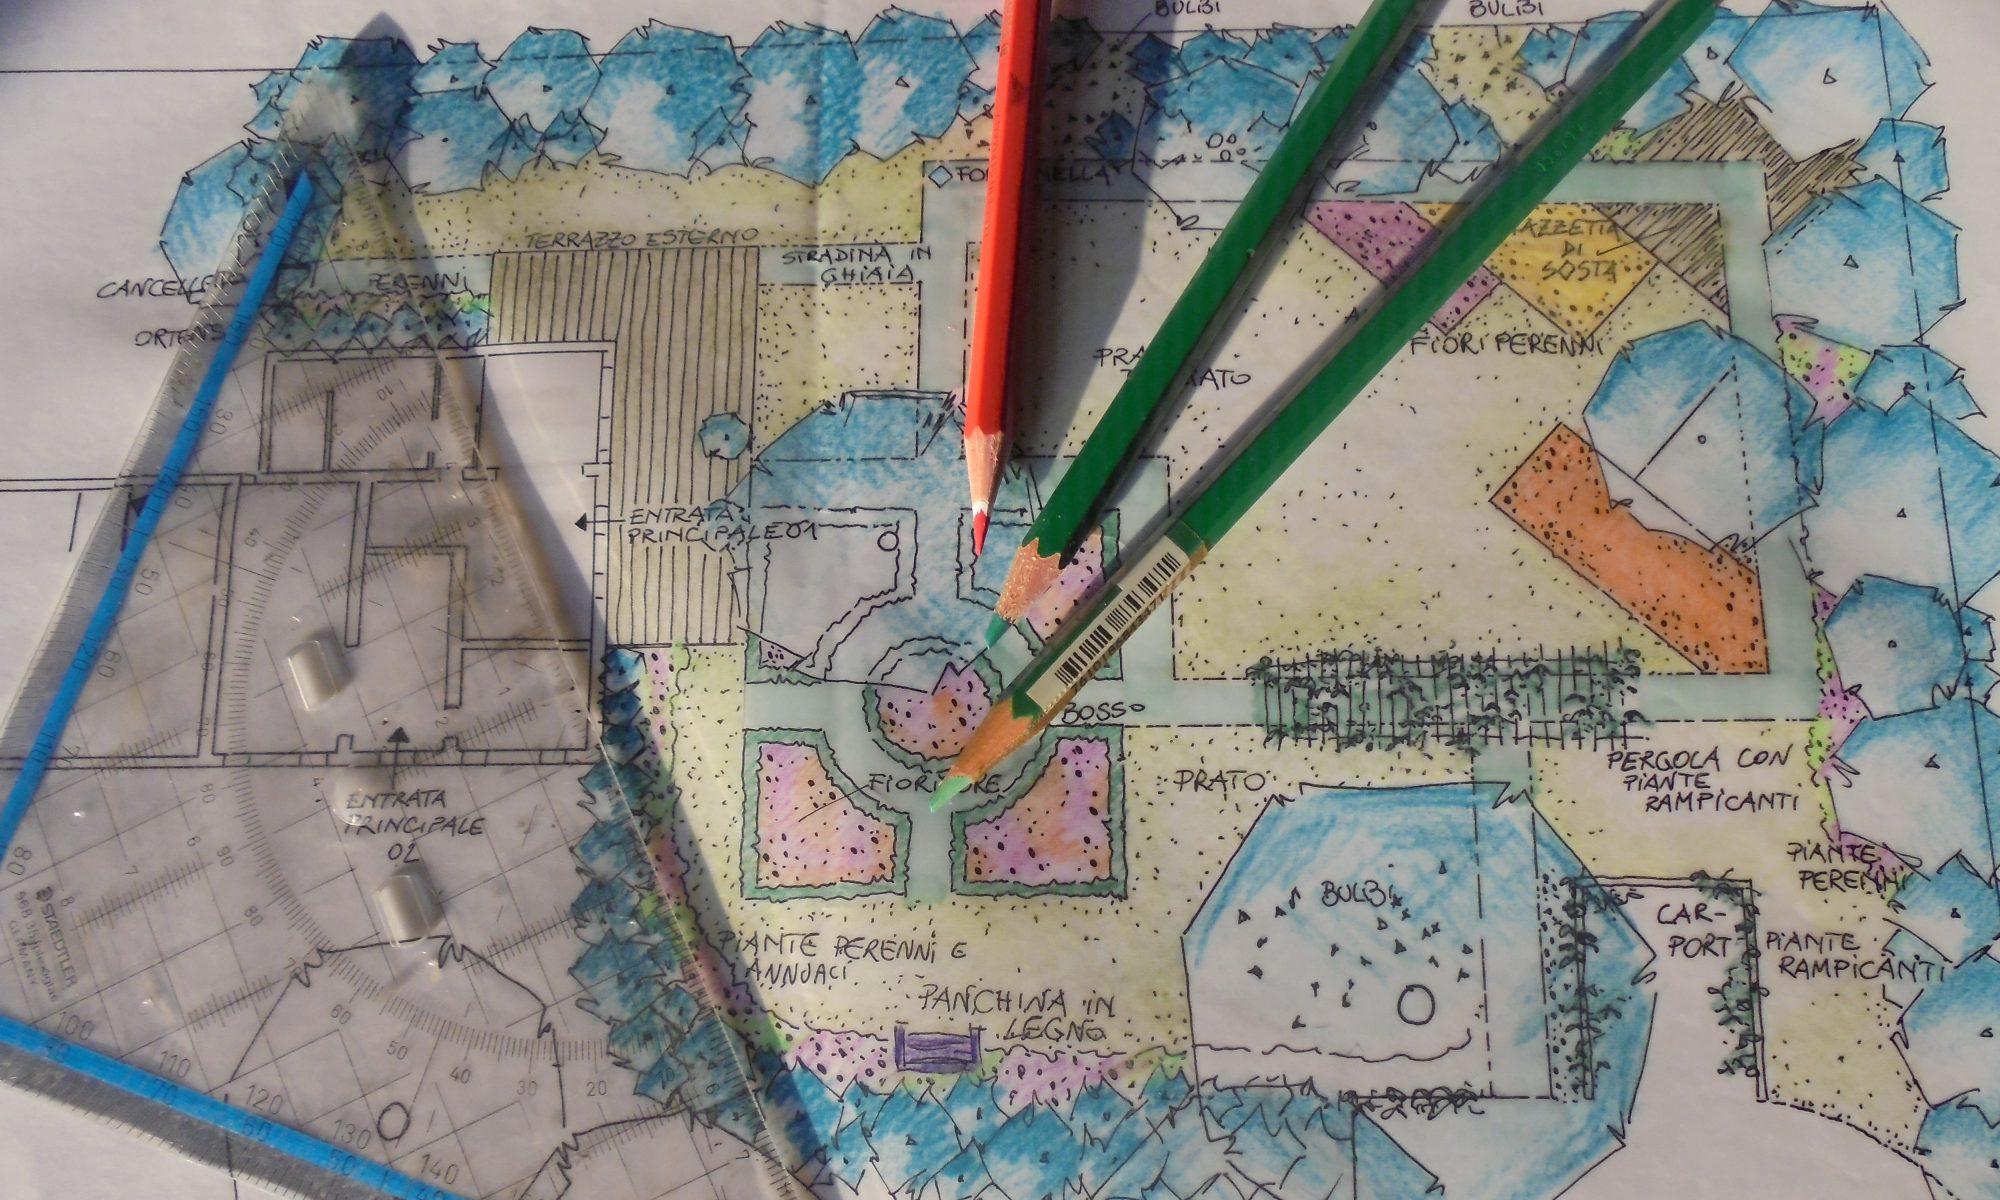 Progettazione di giardini a Treviso e Venezia